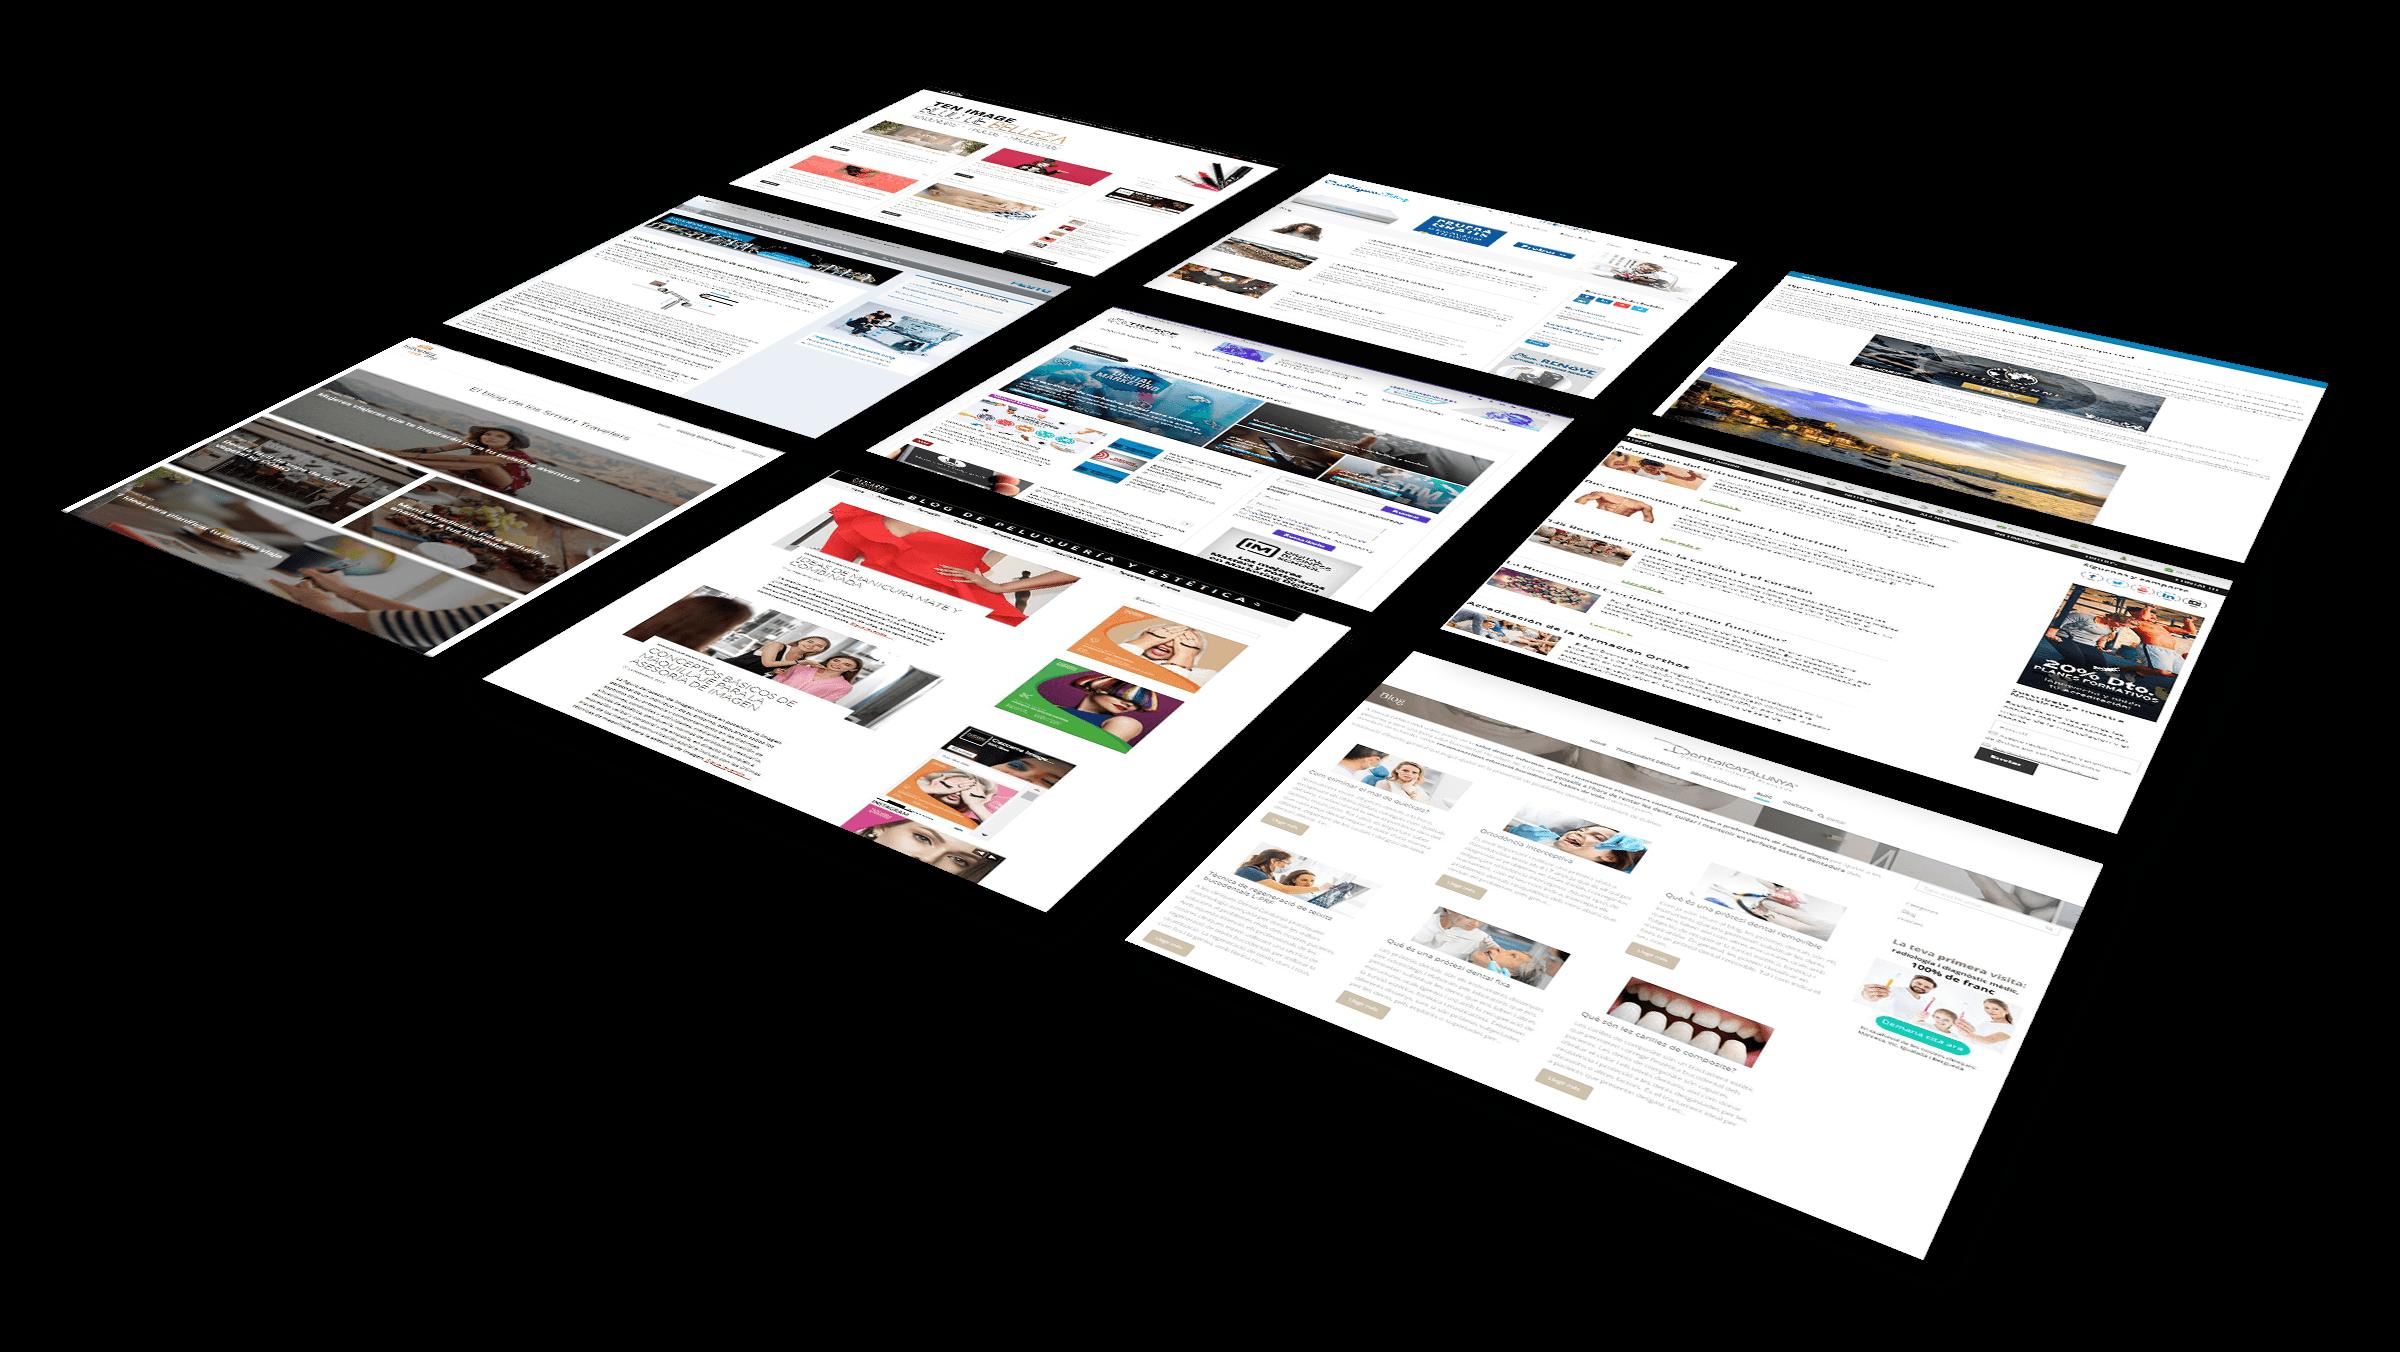 llegar al publico objetivo con los contenidos digitales para crear un discurso propio y informacion de valor